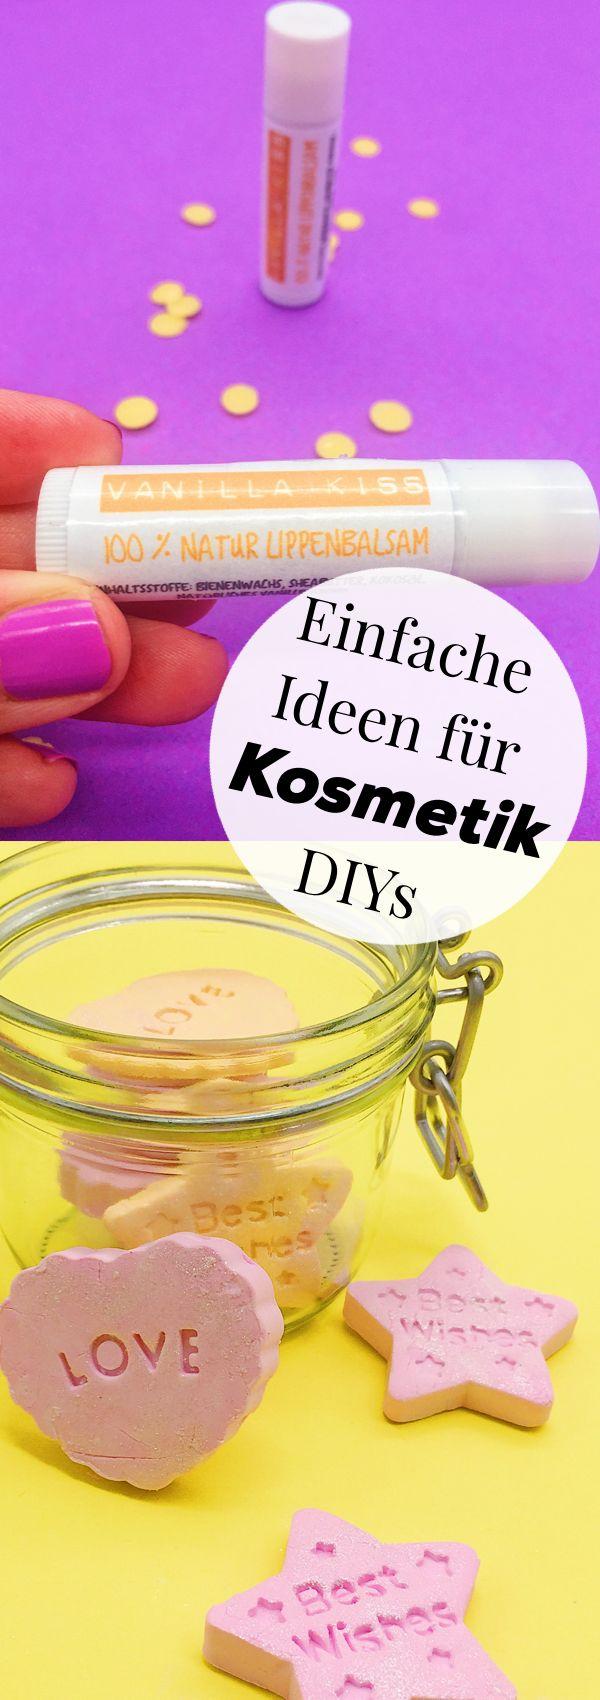 DIY Kosmetik selber machen. Einfache Anleitung und Rezepte. Auch schön als DIY Geschenk Idee zu Weihnachten, zum Geburtstag oder zu jedem anderen Anlass.